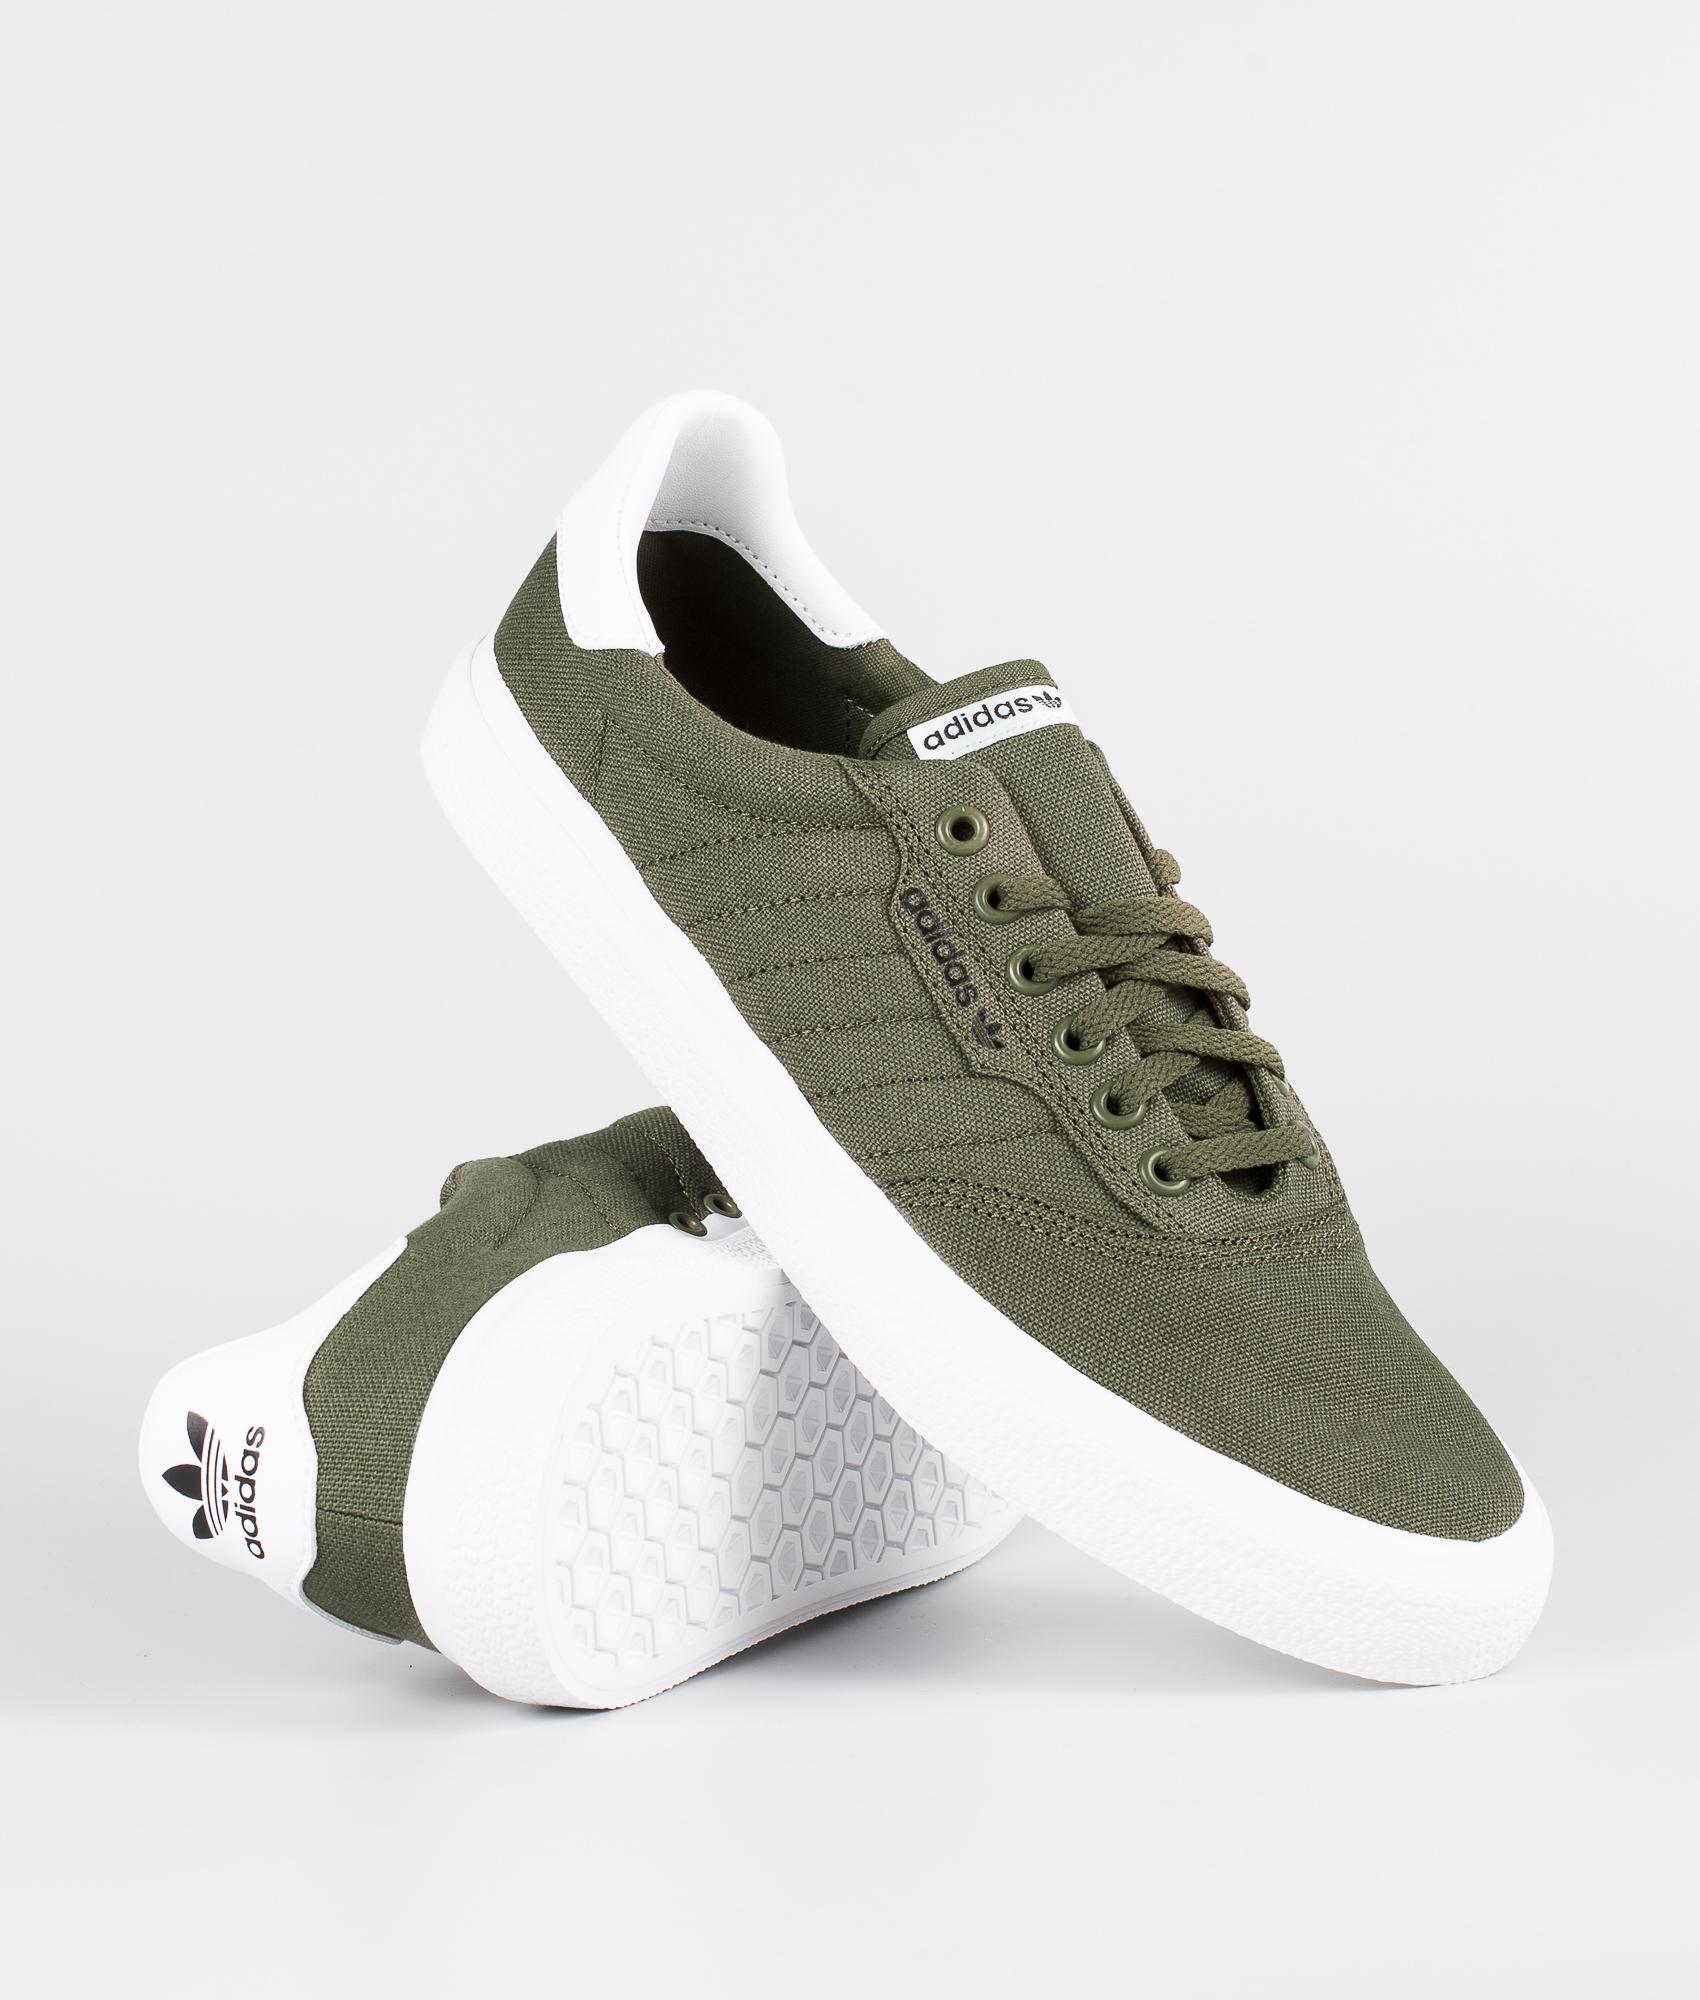 3MC Shoes: Skate Shoes and Originals | adidas US